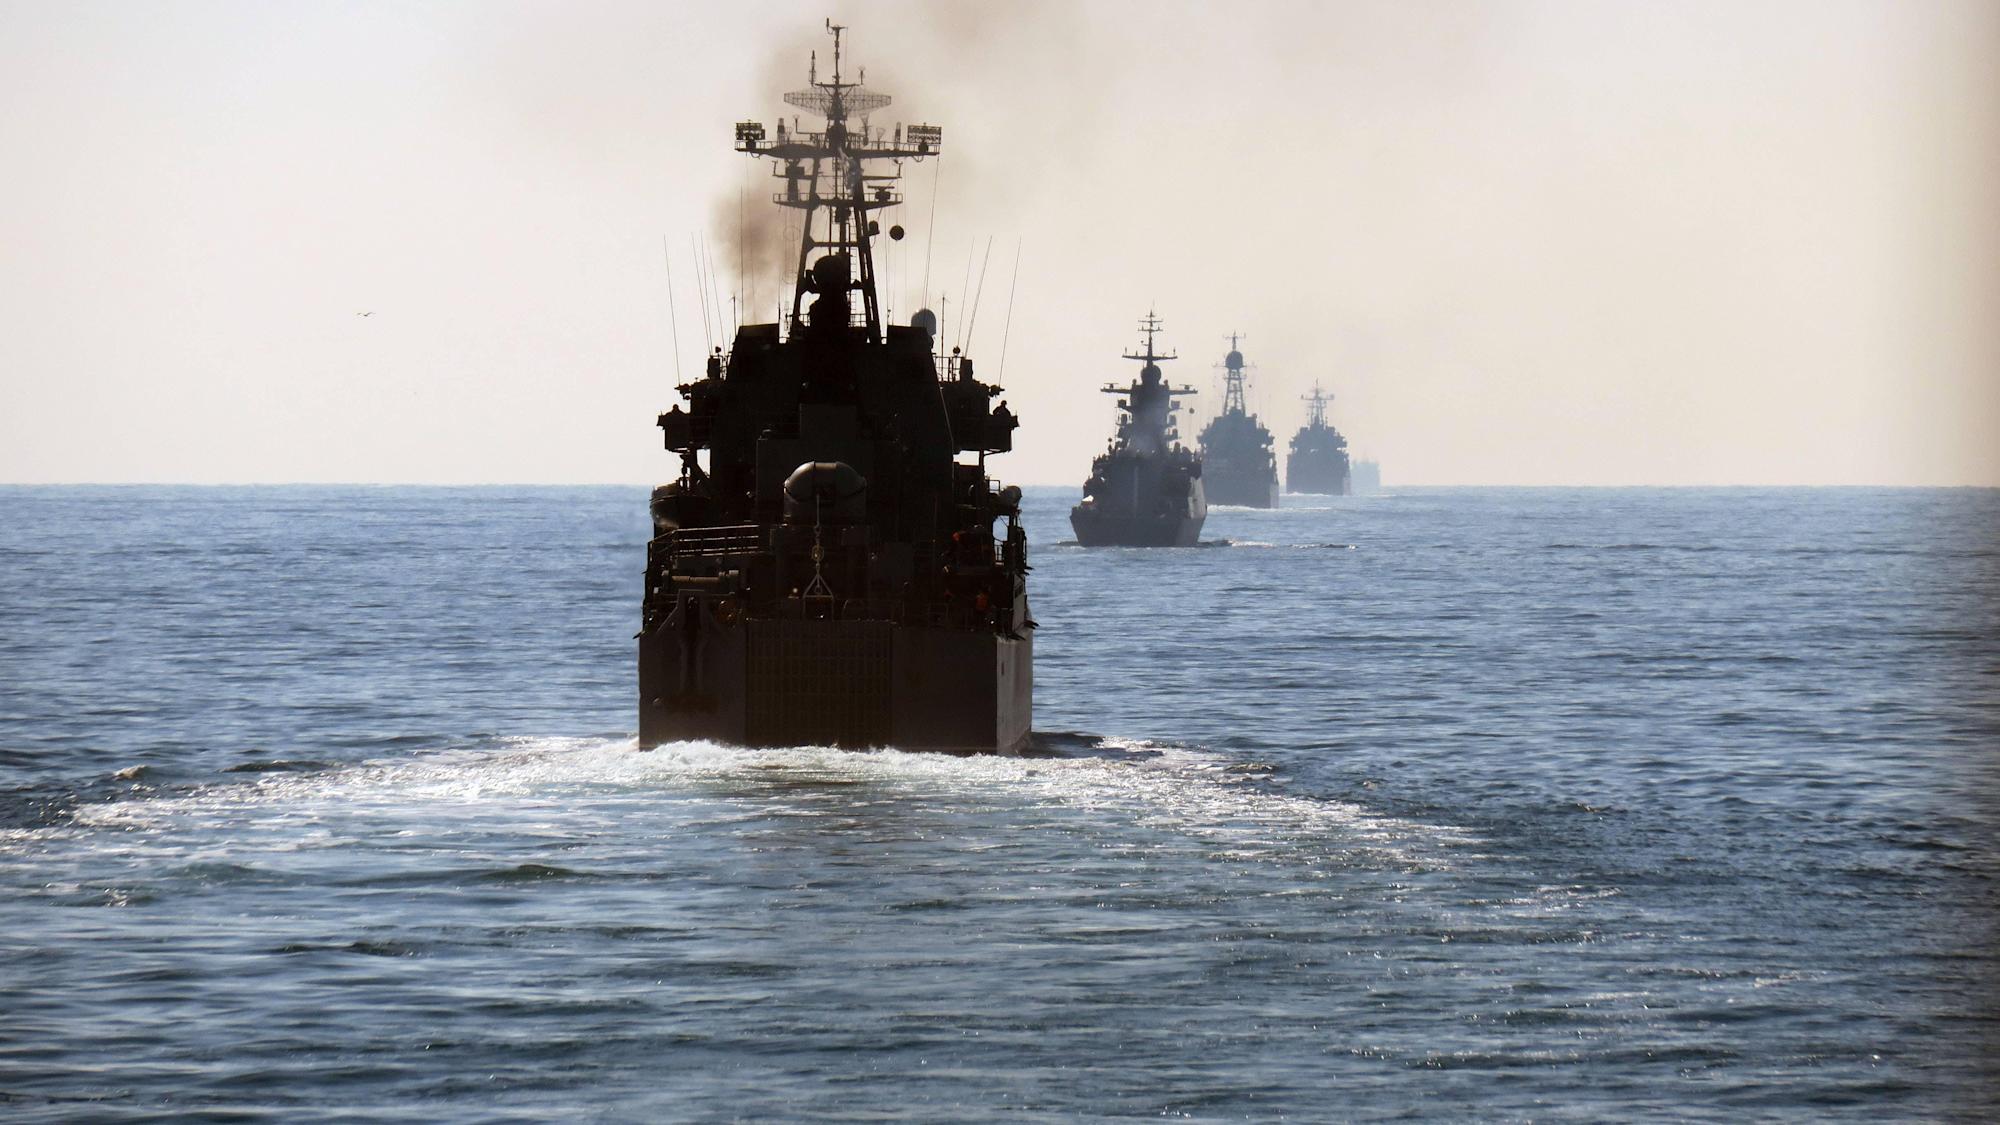 Королевский флот наблюдает за семью российскими кораблями в проливе Ла-Манш